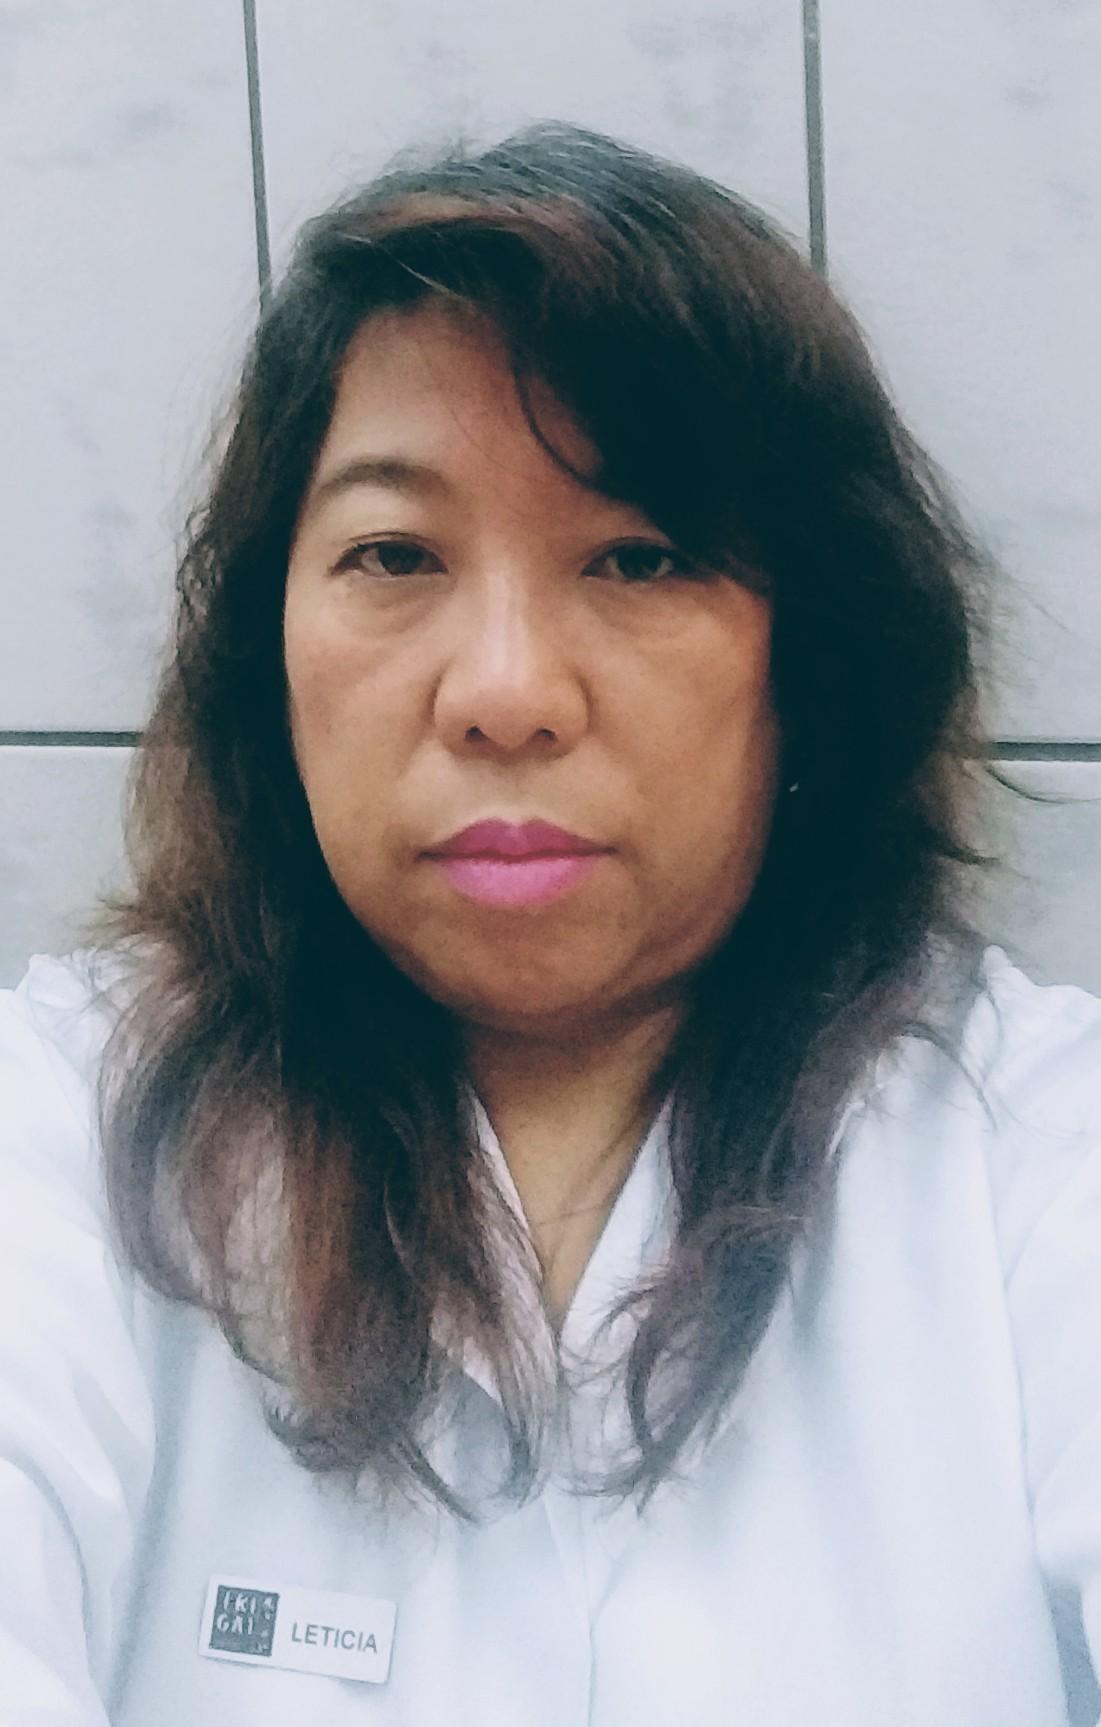 Leticia Hideko Mochizuki